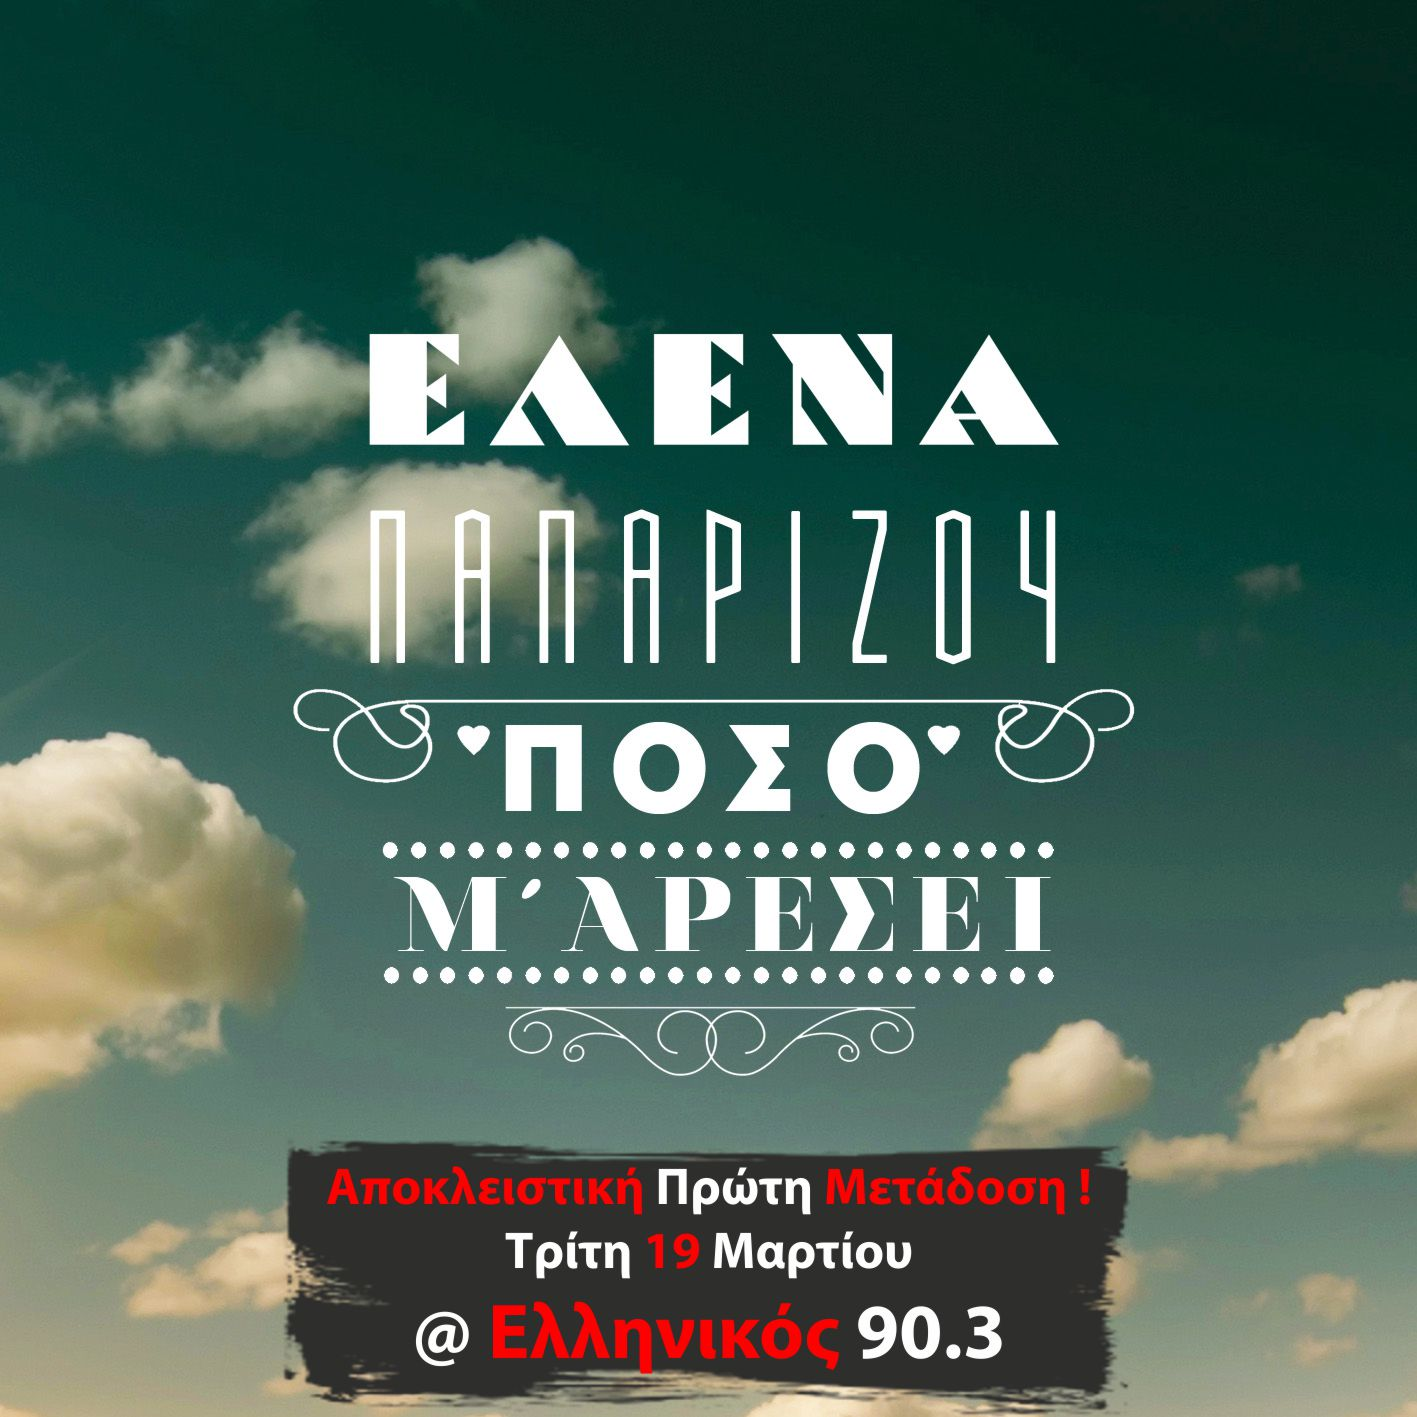 elena-paparizou-poso-m-aresei-banner